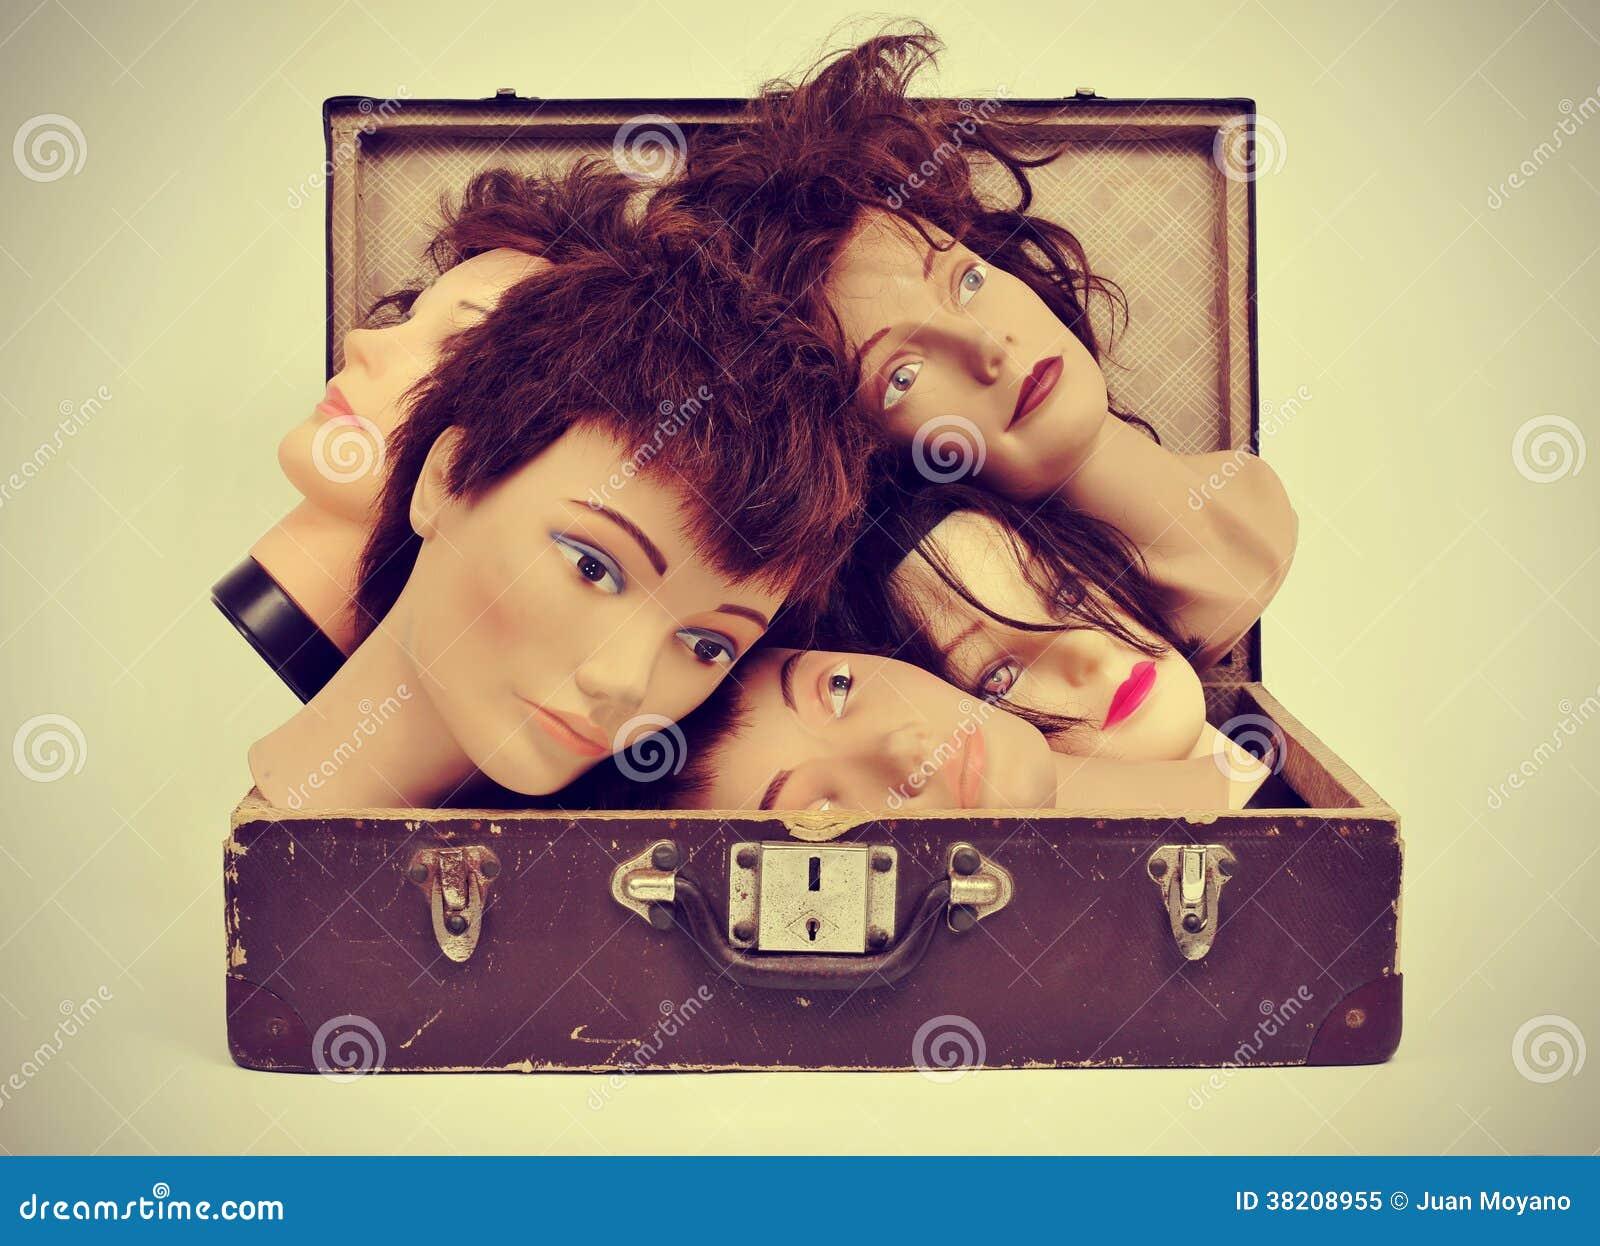 Mannequin głowy w starej walizce